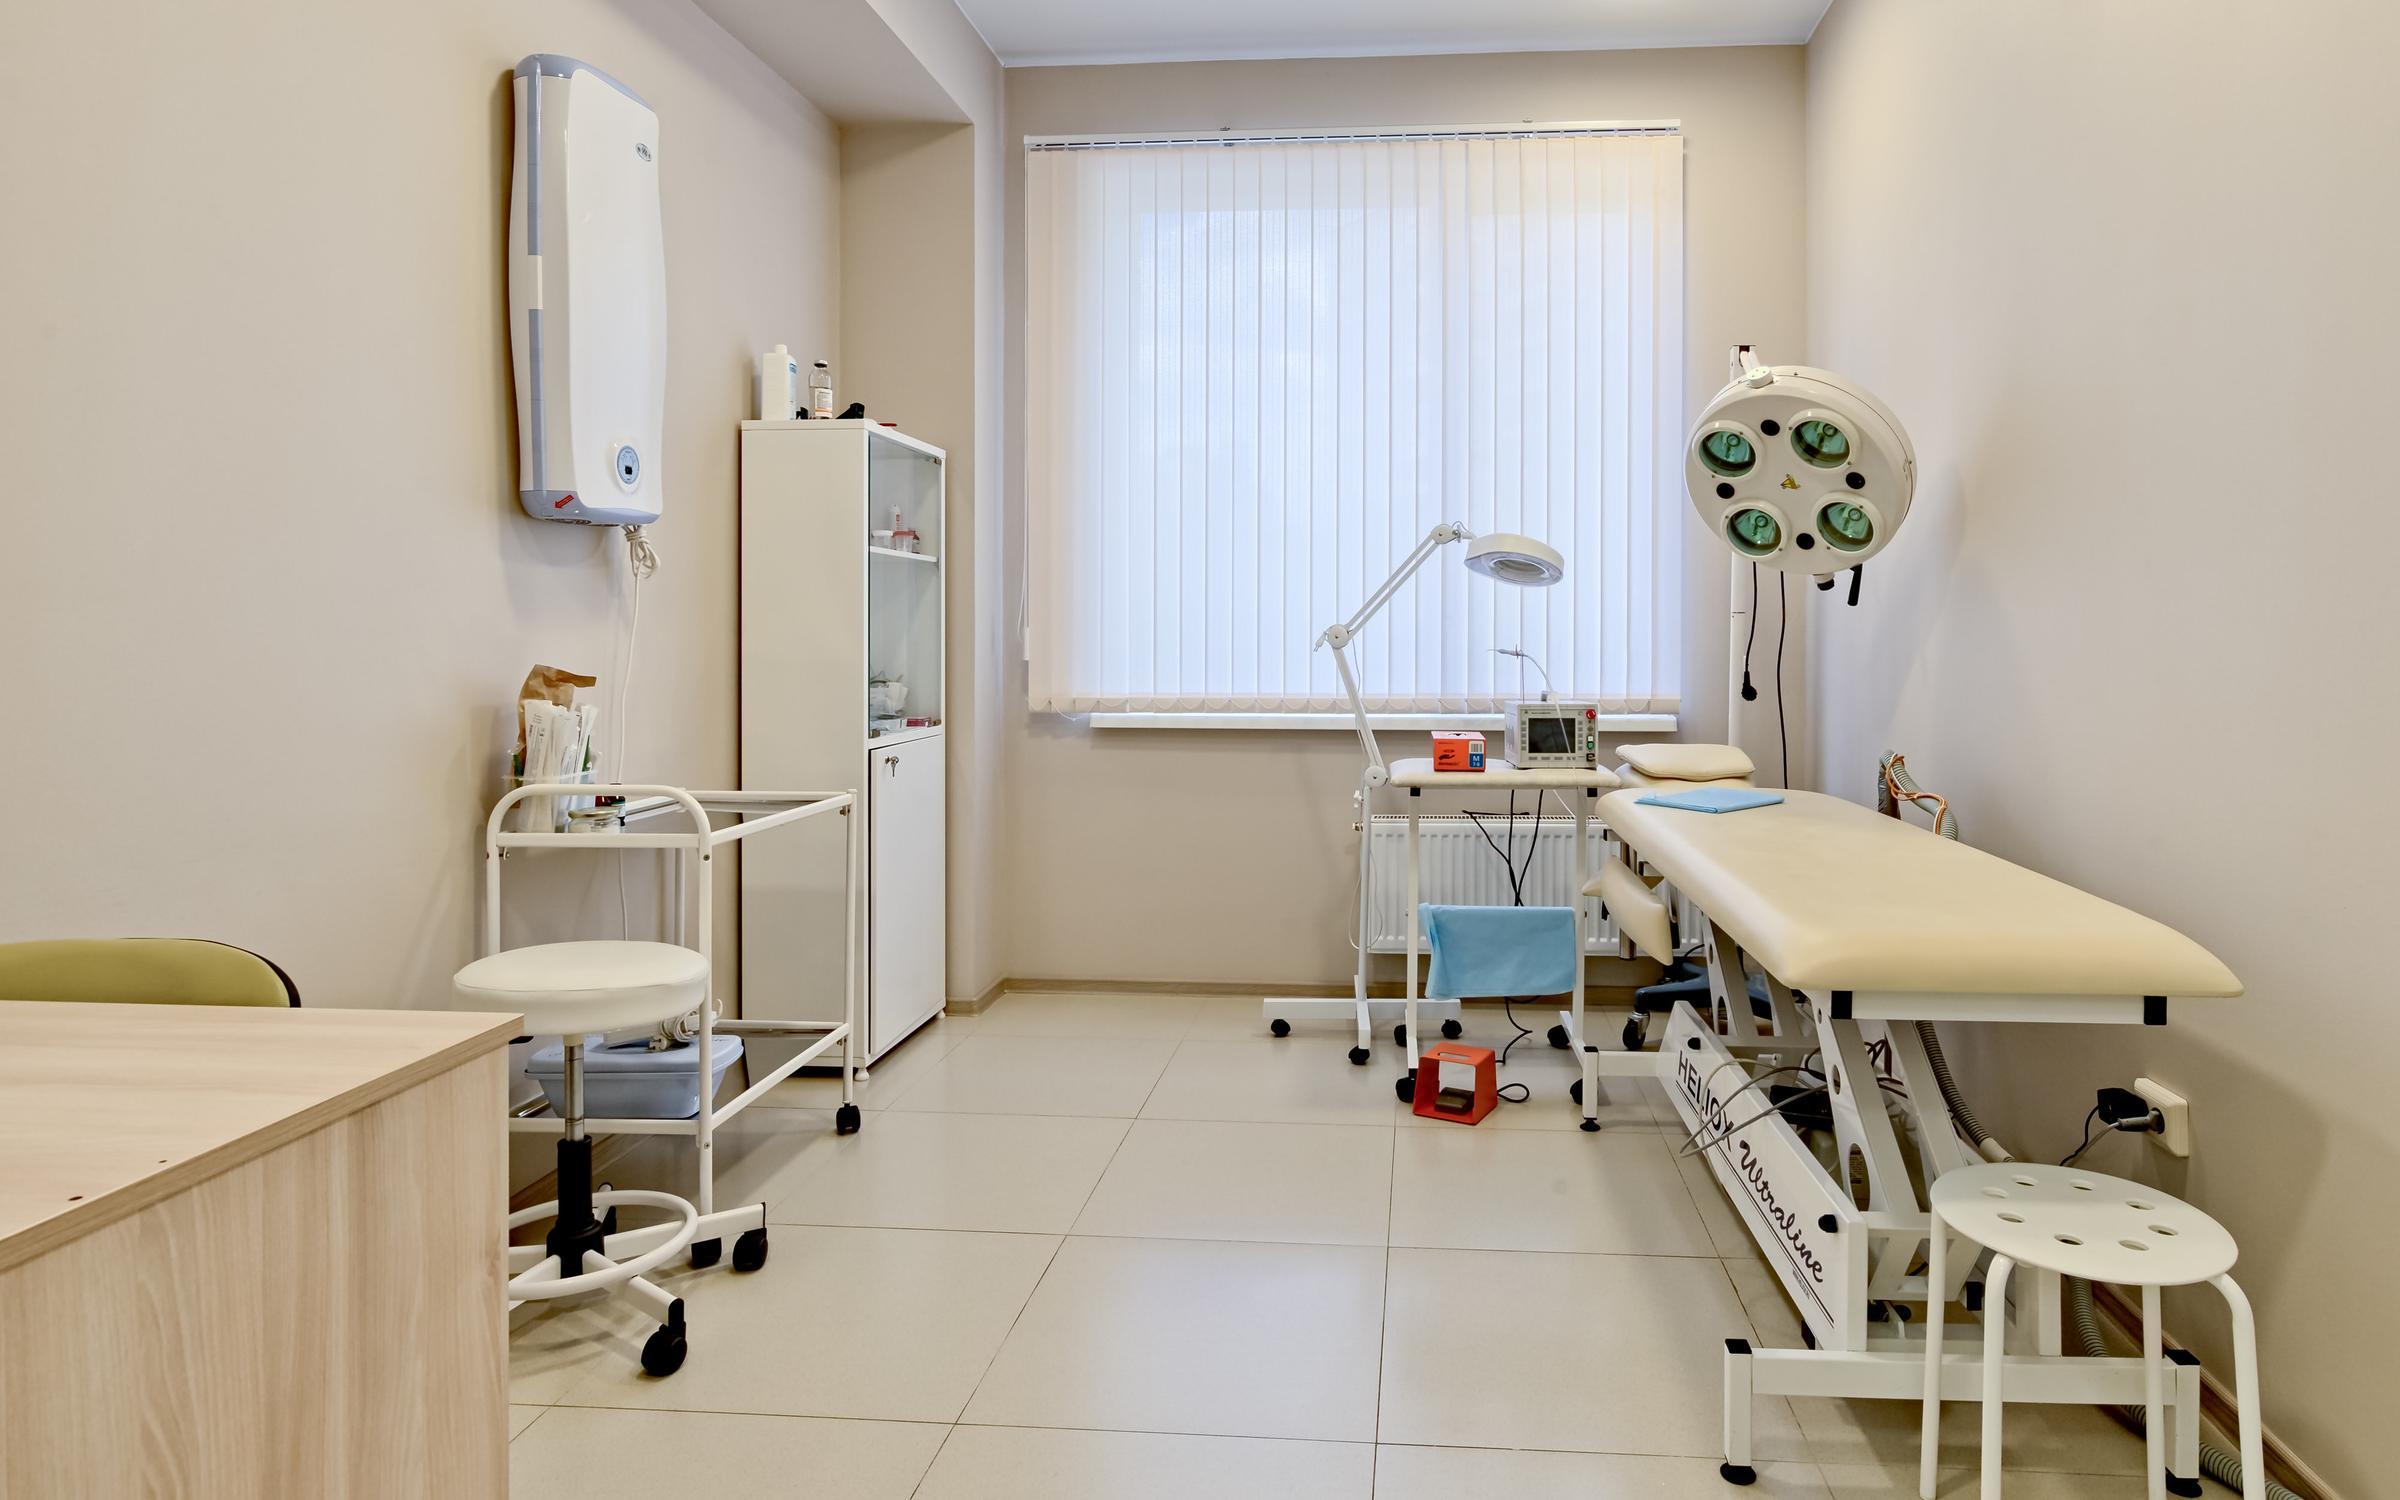 фотография Медицинского центра МедПросвет на проспекте Энгельса